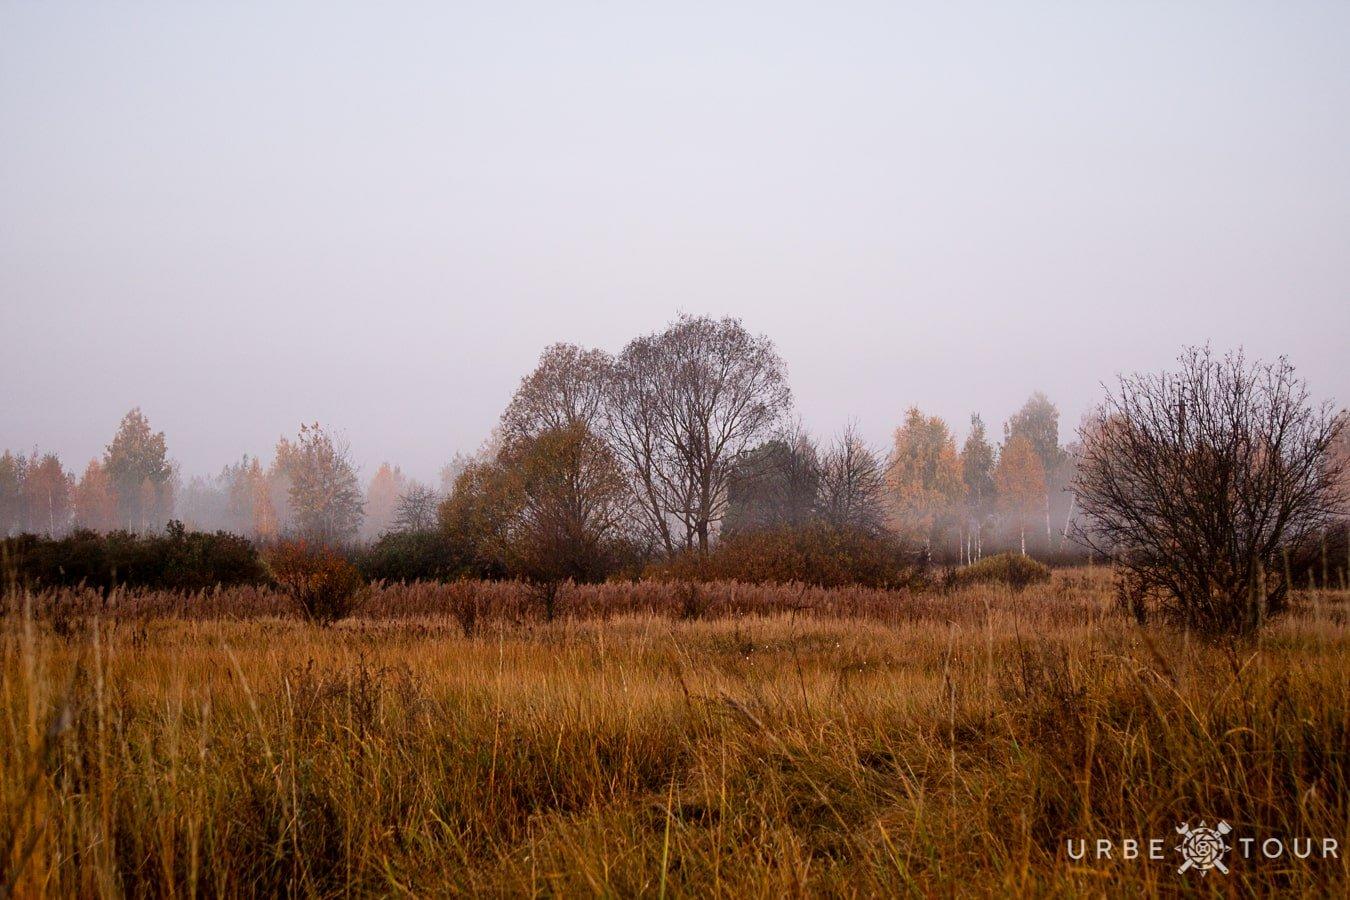 morning field in chernobyl